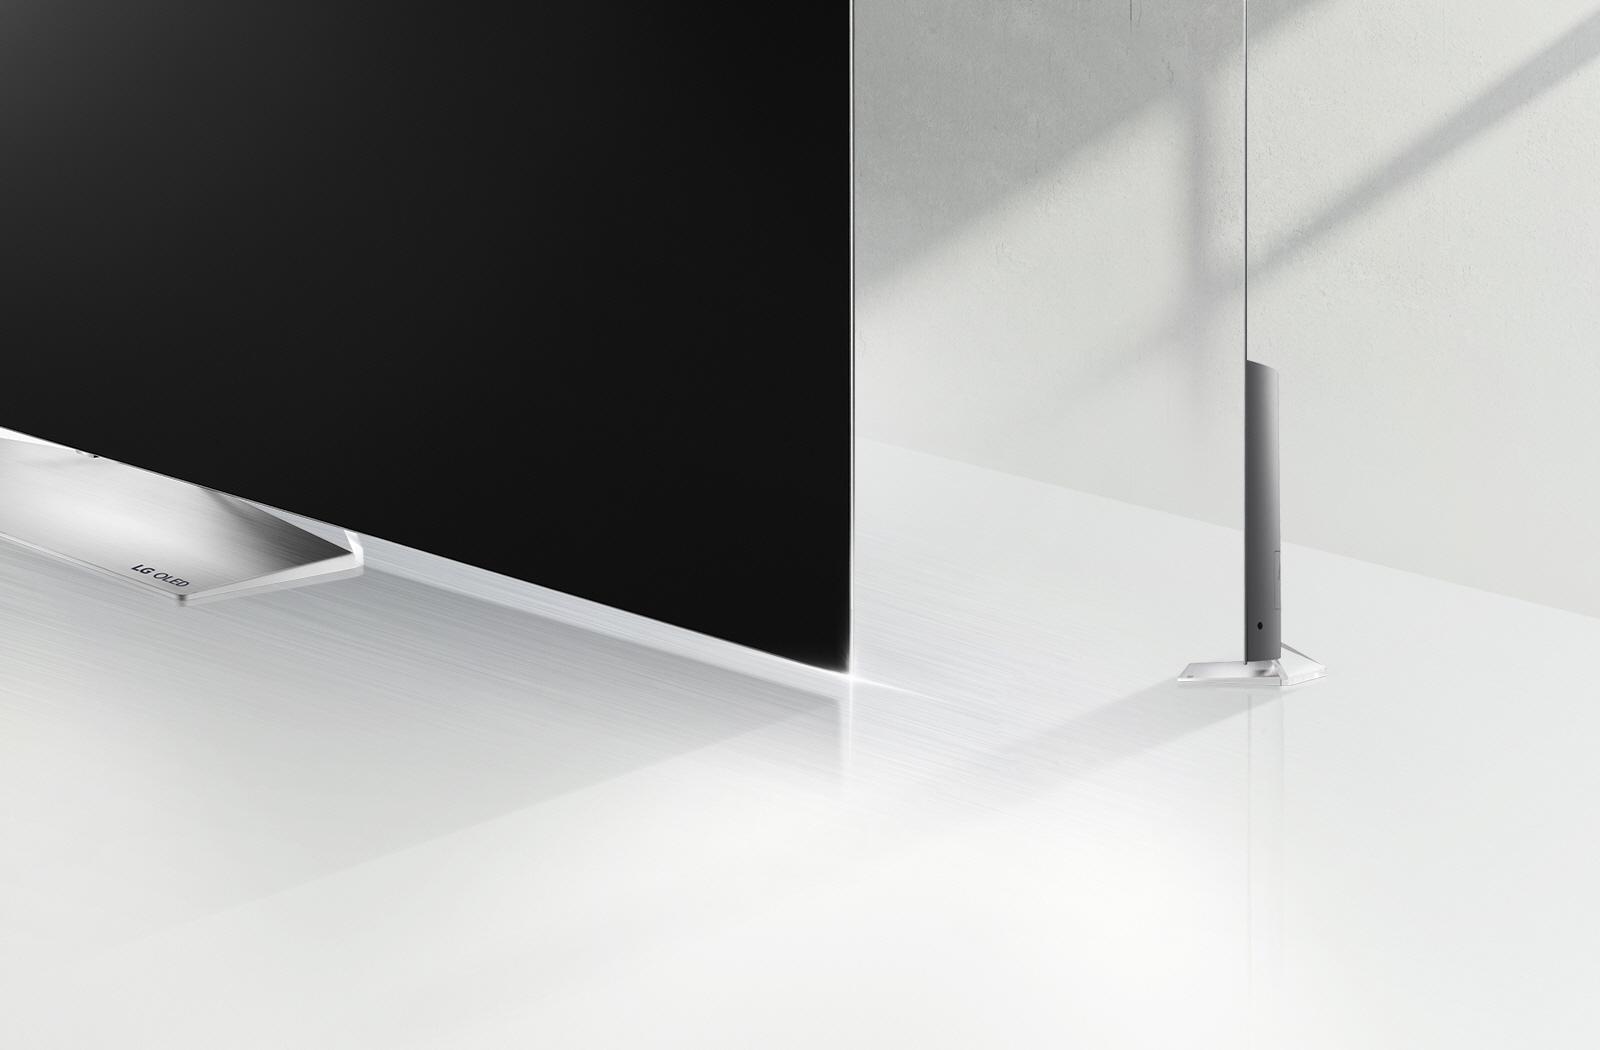 LG OLED 55EG9A7V